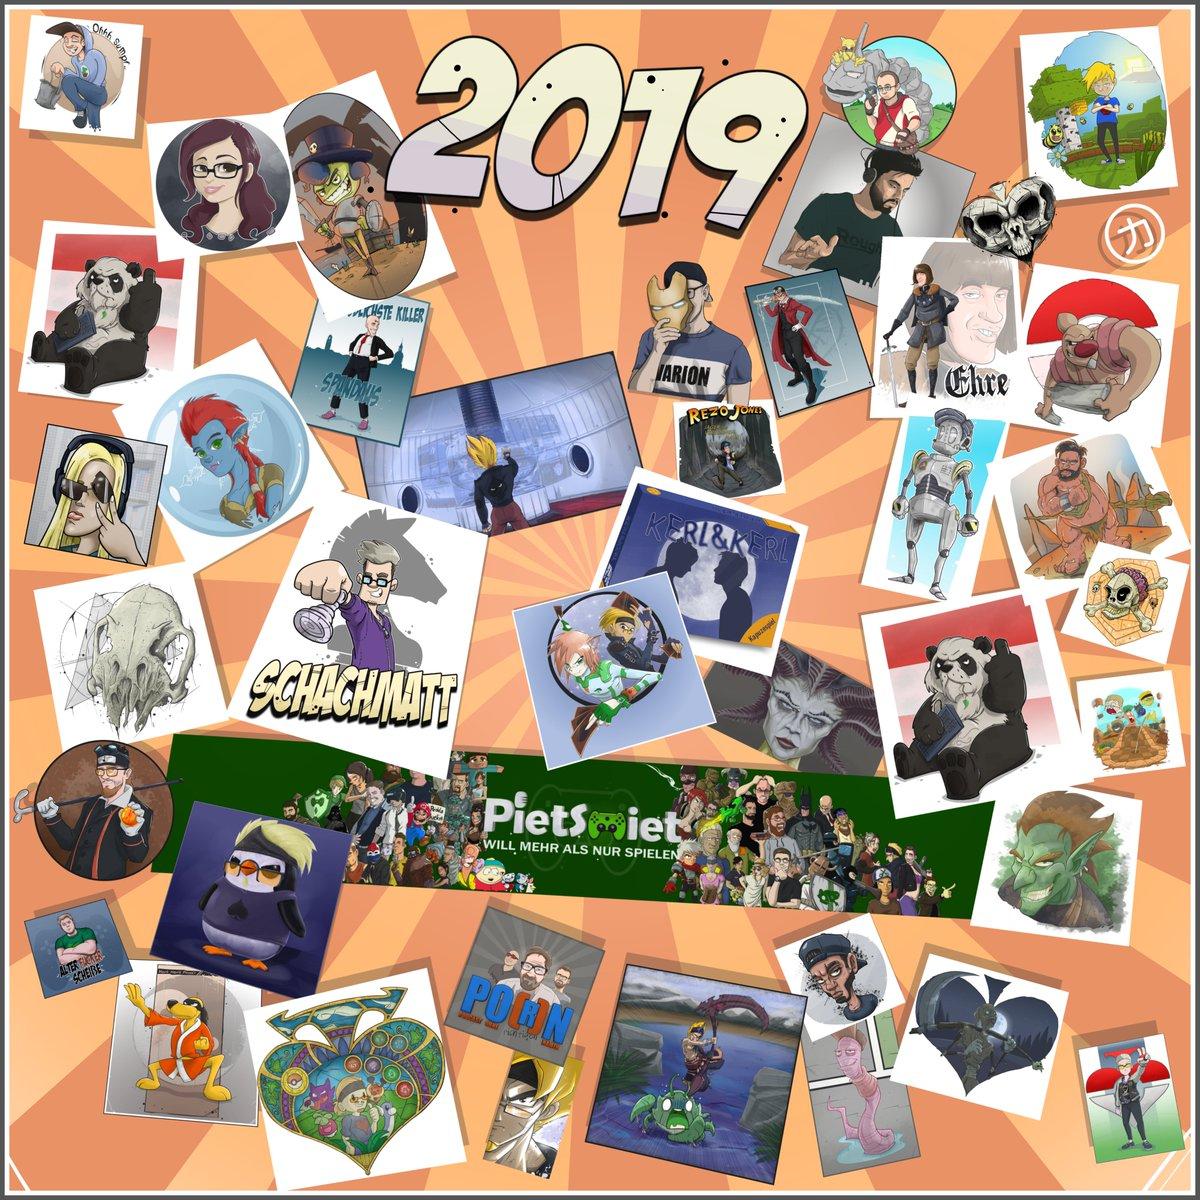 Danke 2019